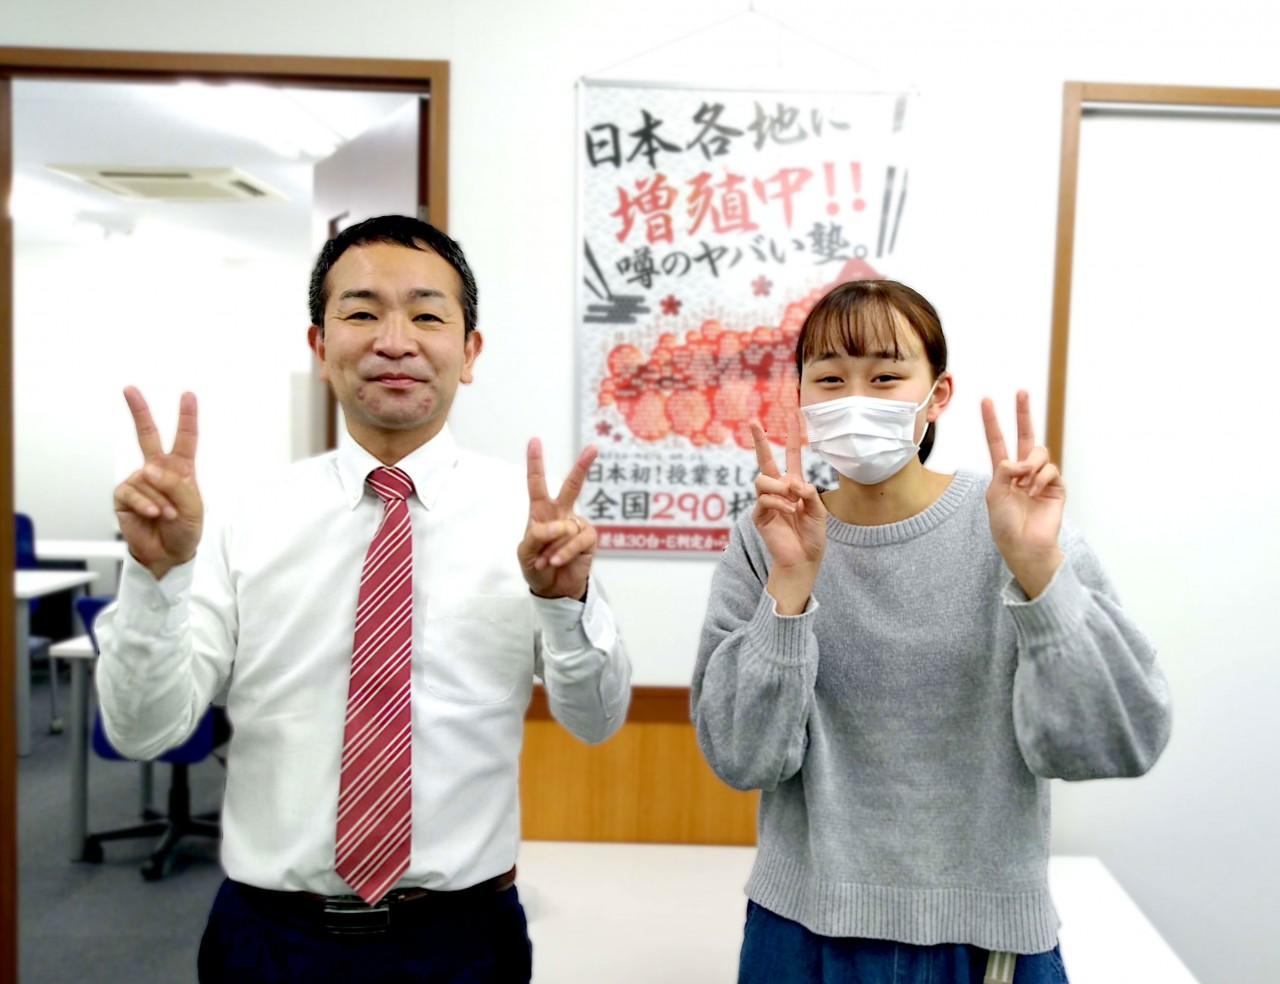 市立伊丹高校 大阪経済大学